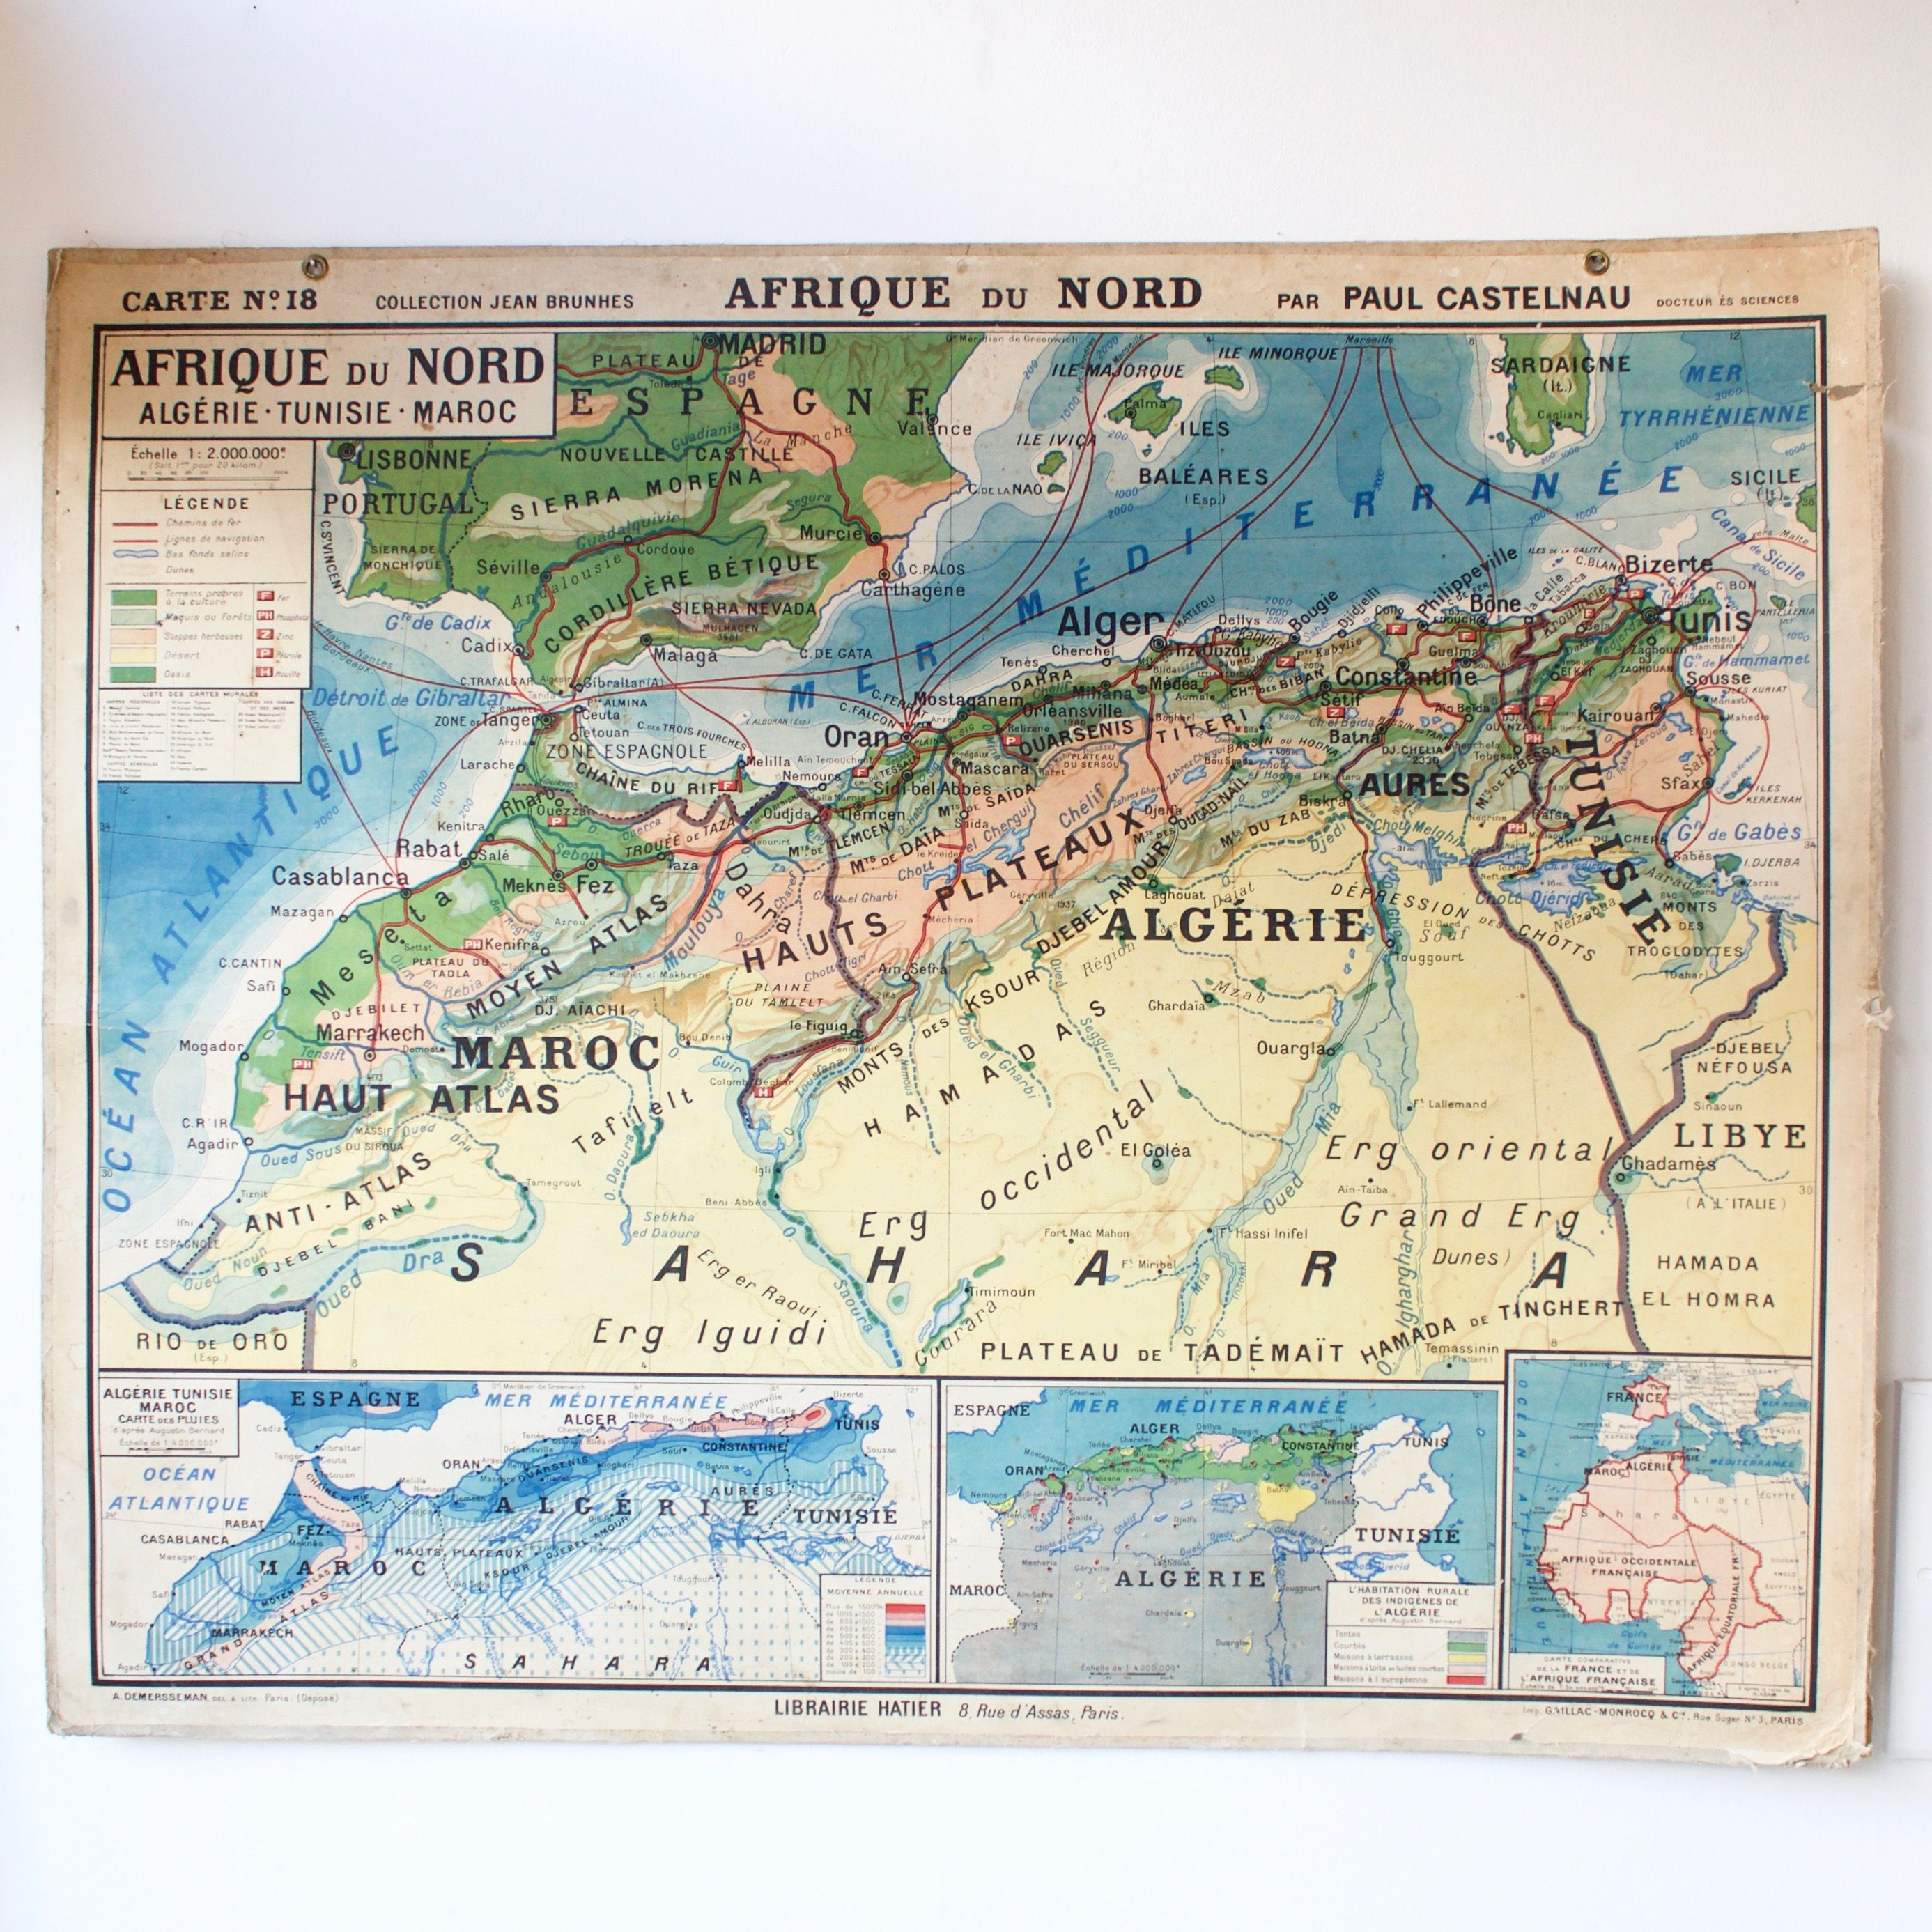 Carte Scolaire Ancienne N18 Afrique Du Nord French Vintage